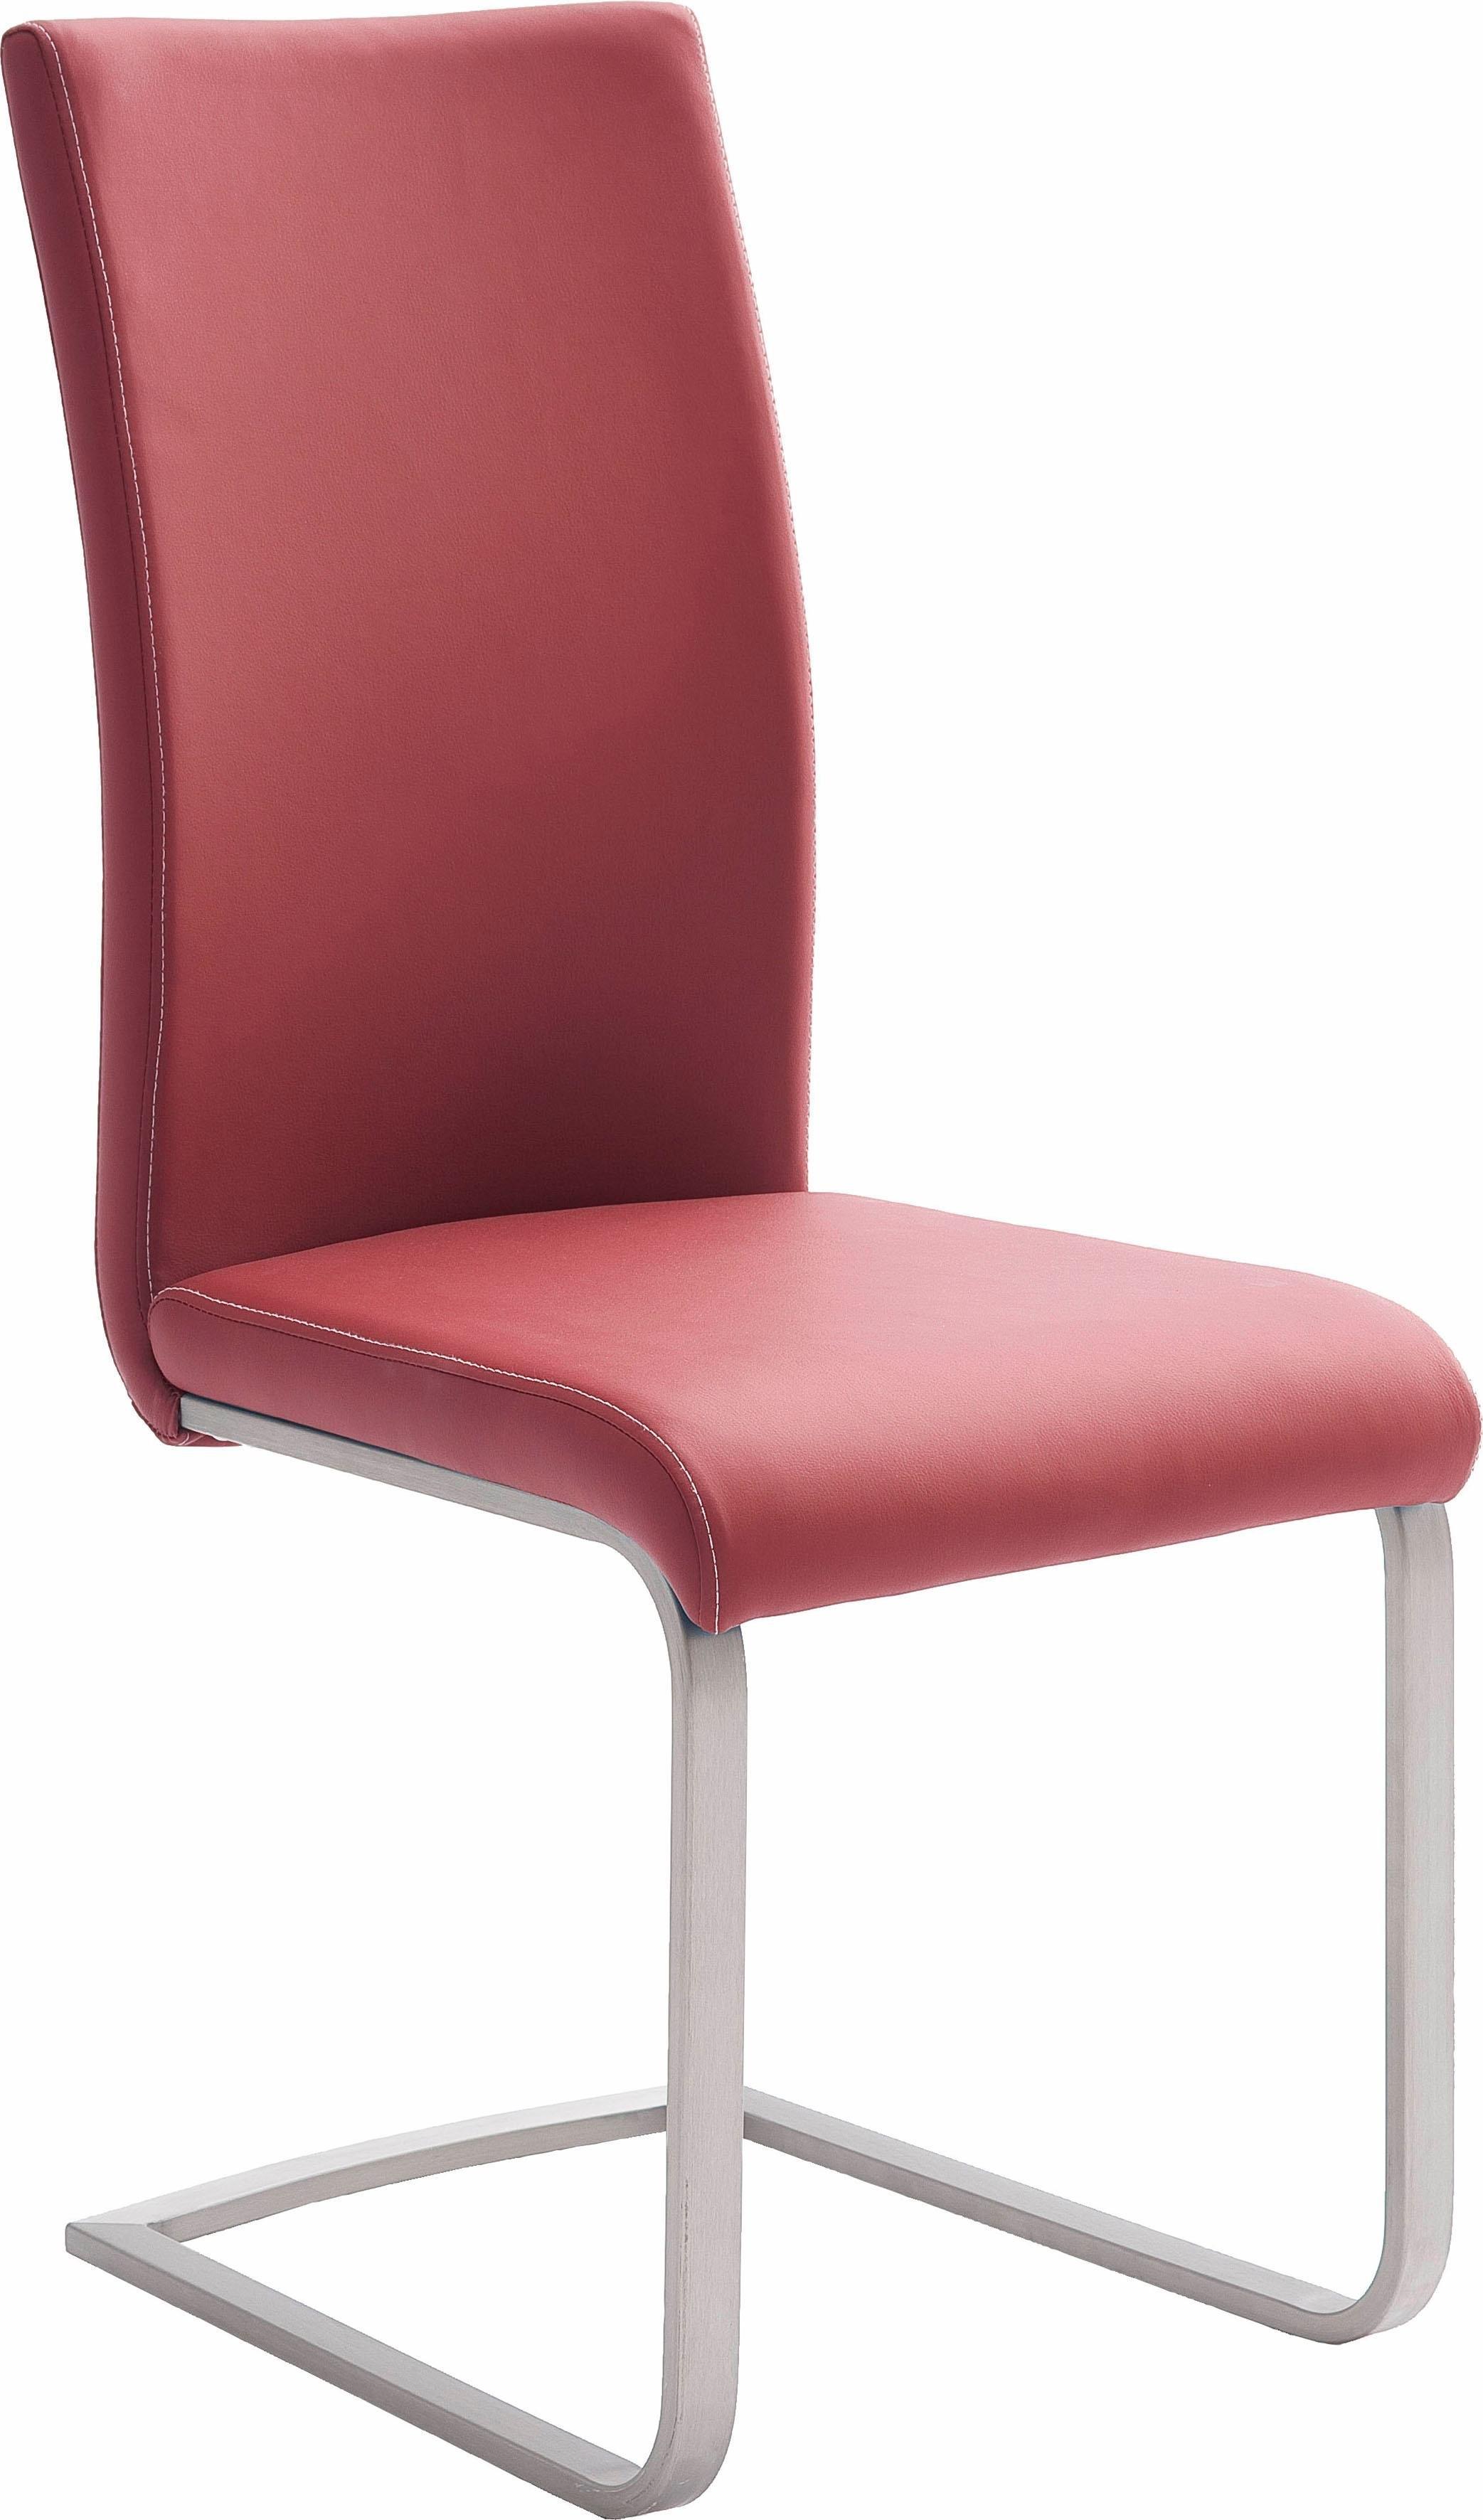 MCA furniture vrijdragende stoel Paulo 1 Stoel belastbaar tot 120 kg (set, 4 stuks) bij OTTO online kopen